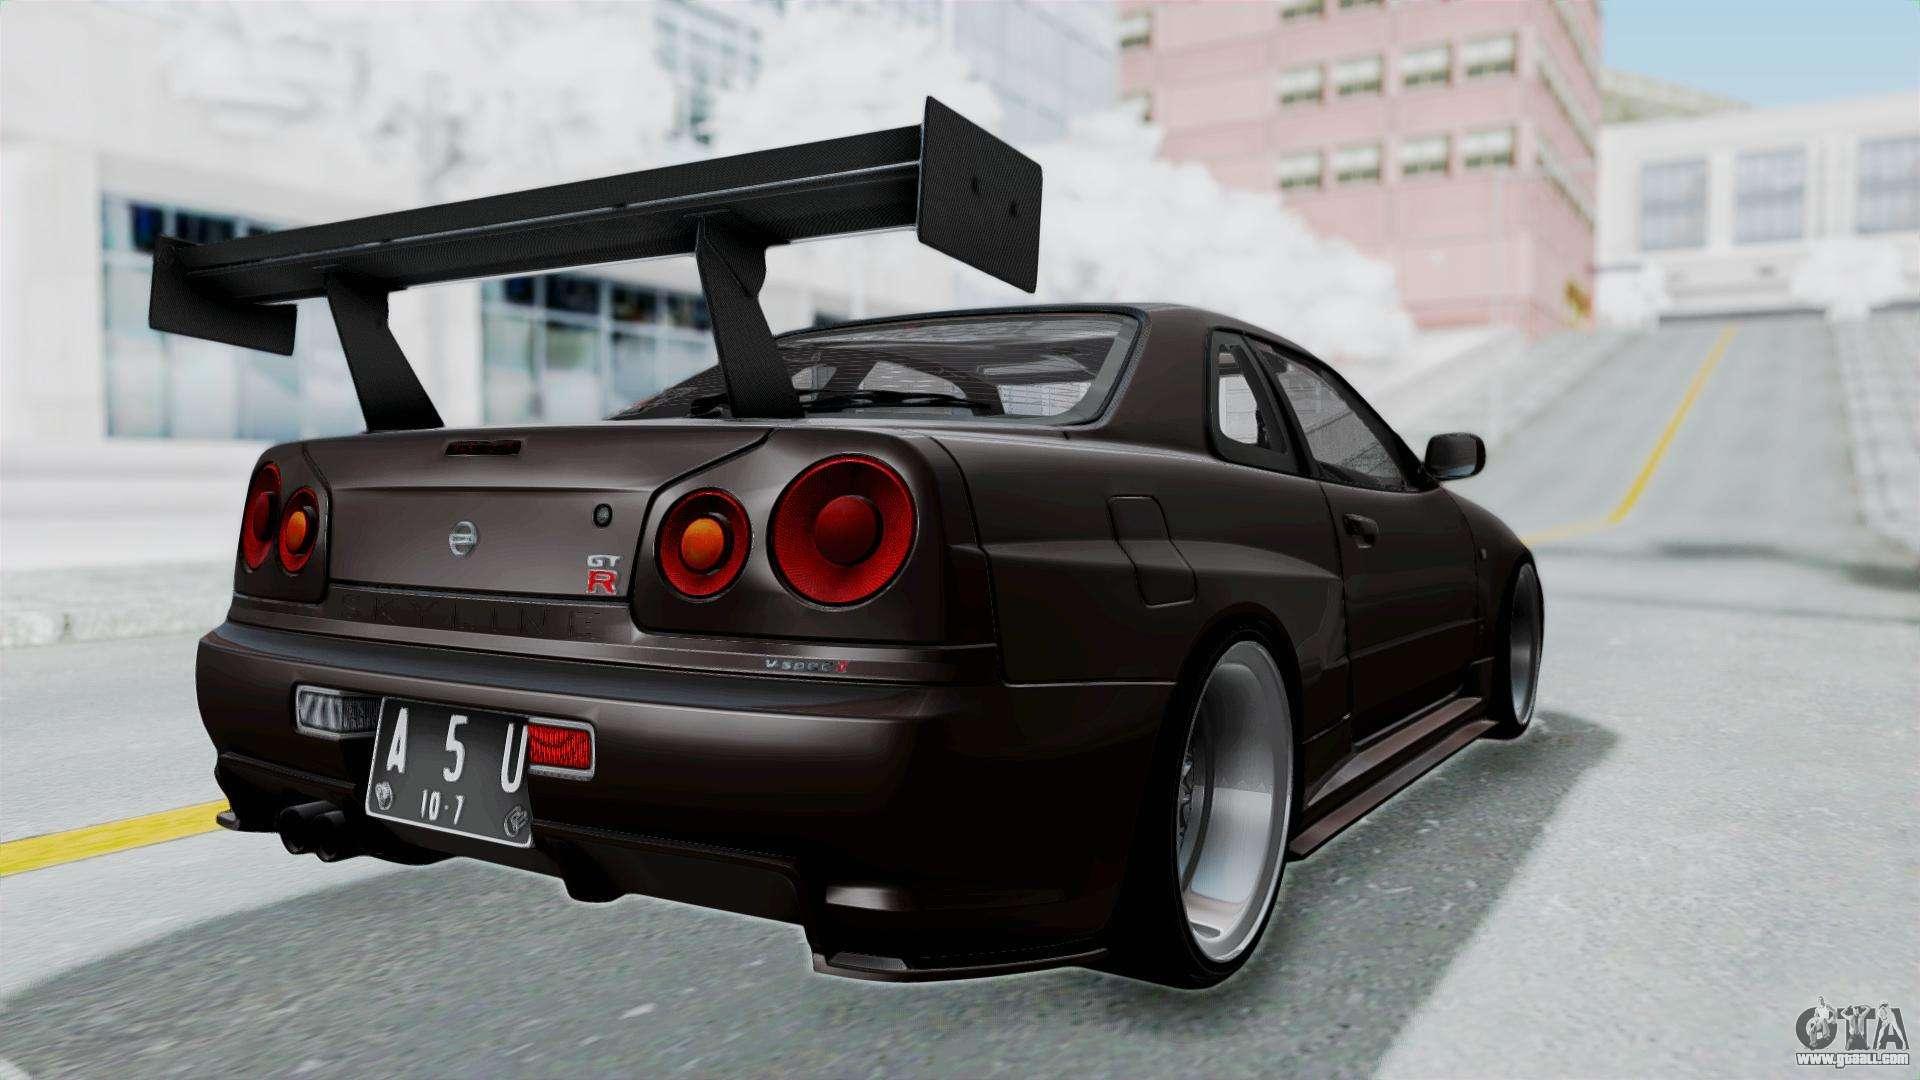 Nissan skyline r34 gtr 2002 v spec ii s tune for gta san andreas vanachro Choice Image